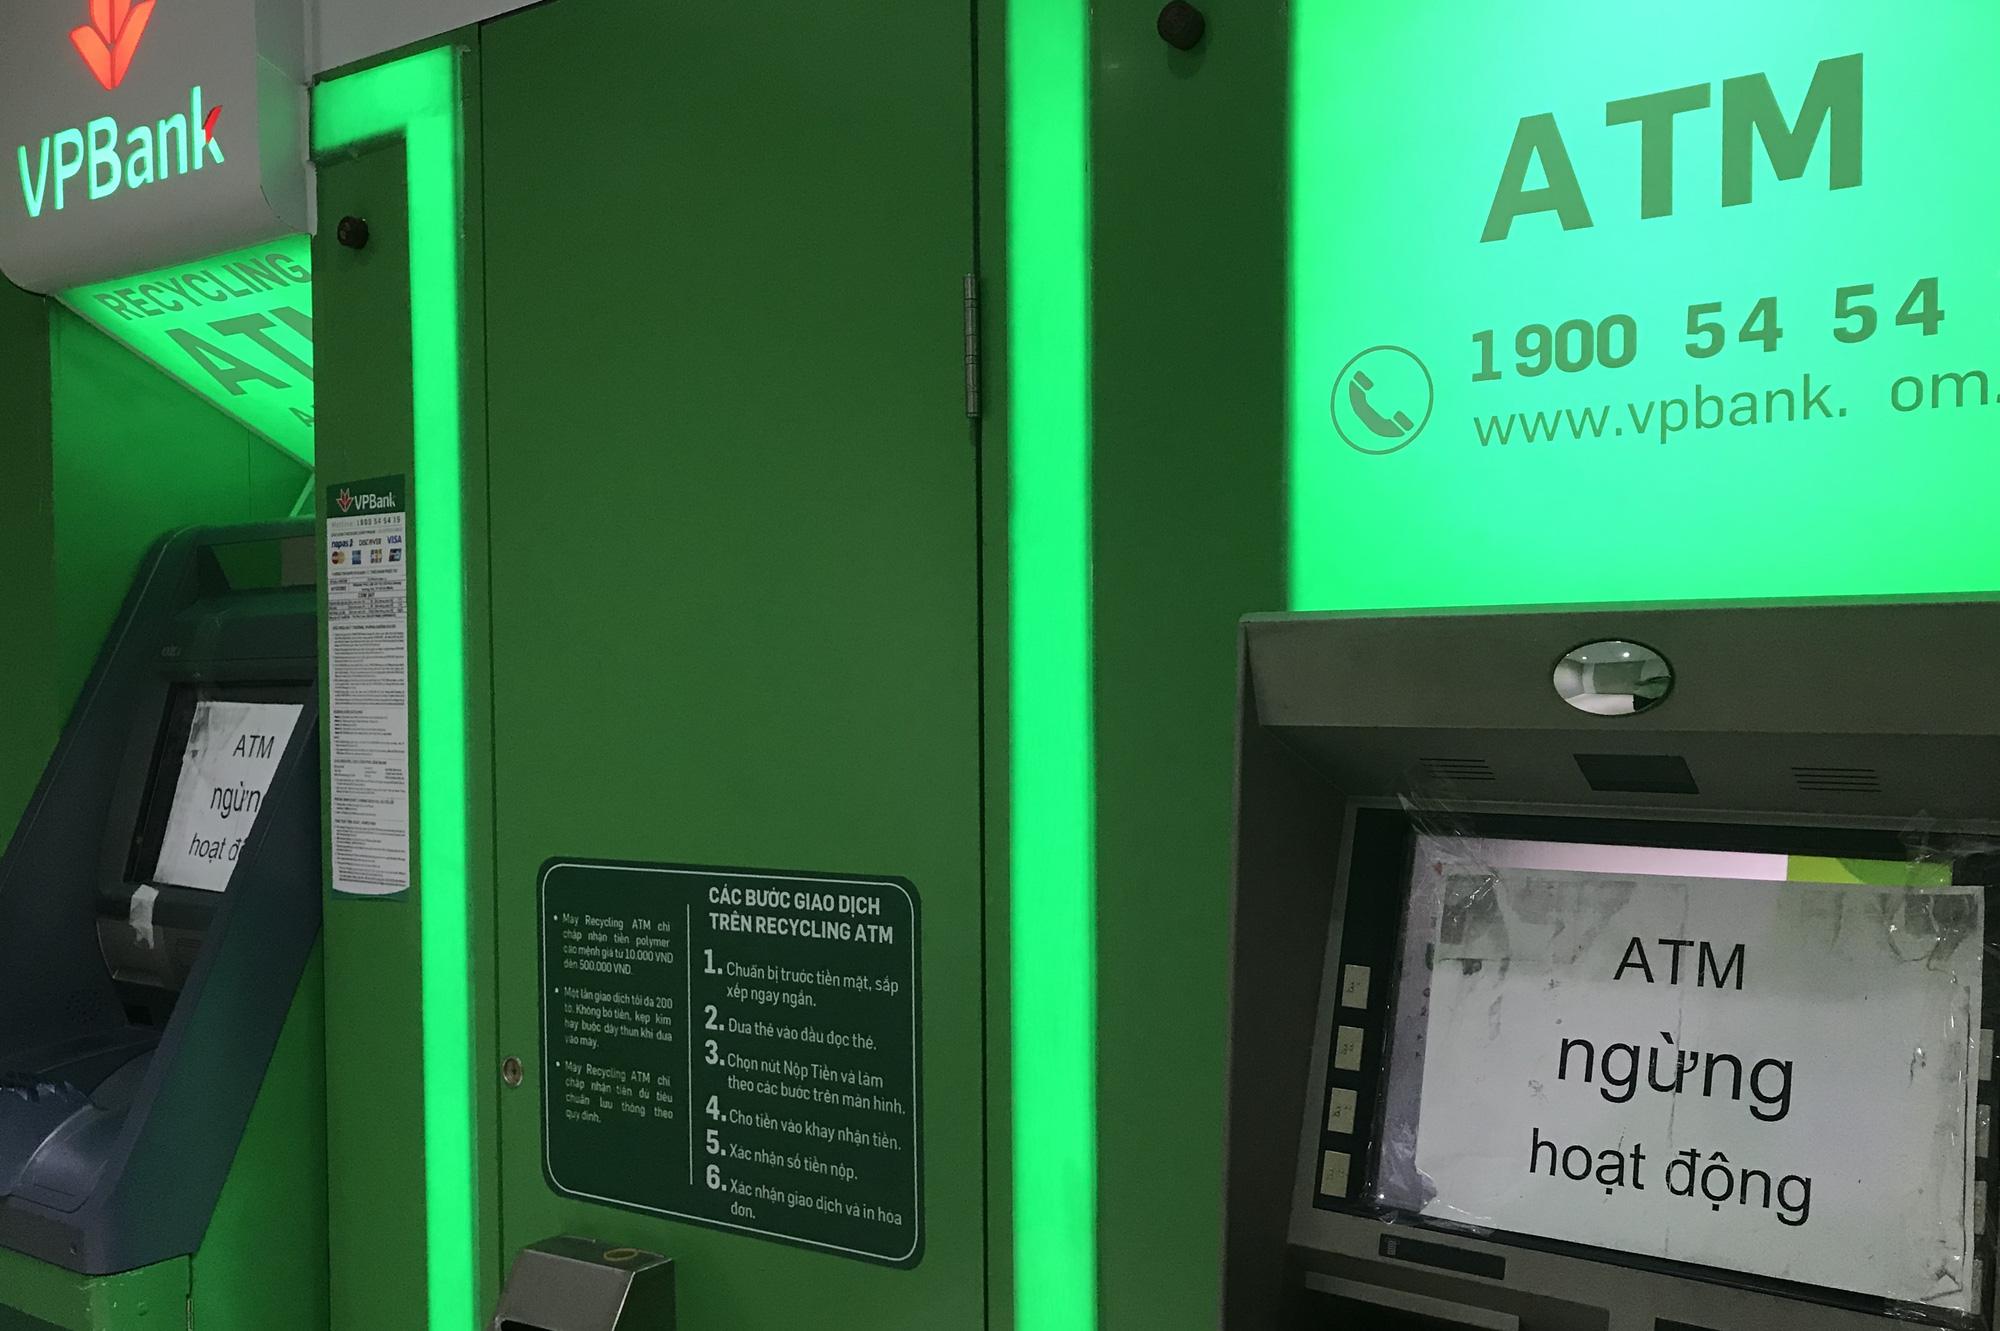 Chưa tới Tết, ATM đã hết tiền, cáo bệnh ngừng hoạt động - Ảnh 3.